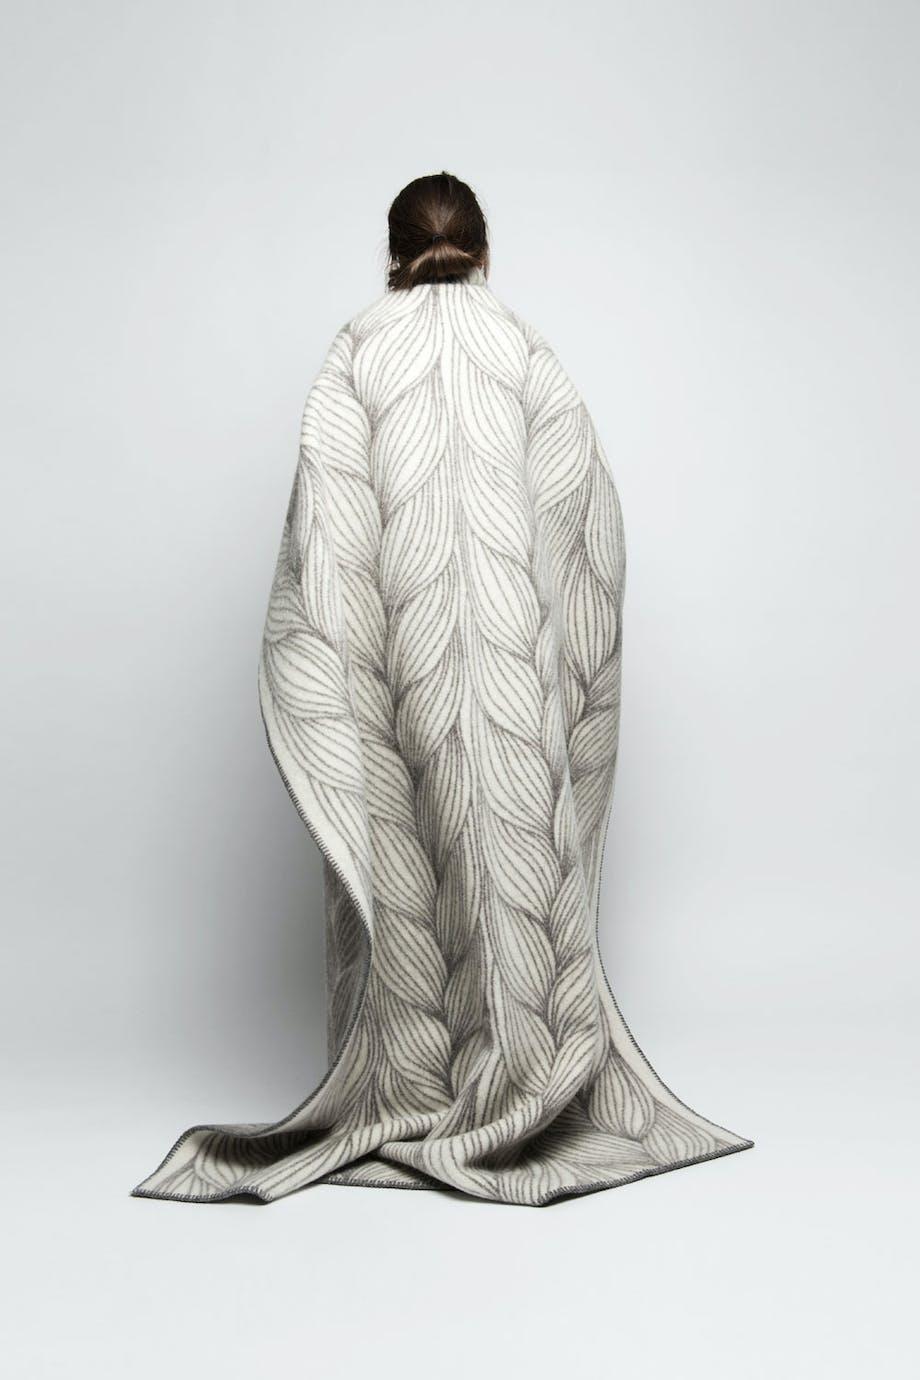 Pleddet Flette designet av Kristine Five Melvær for Røros Tweed.